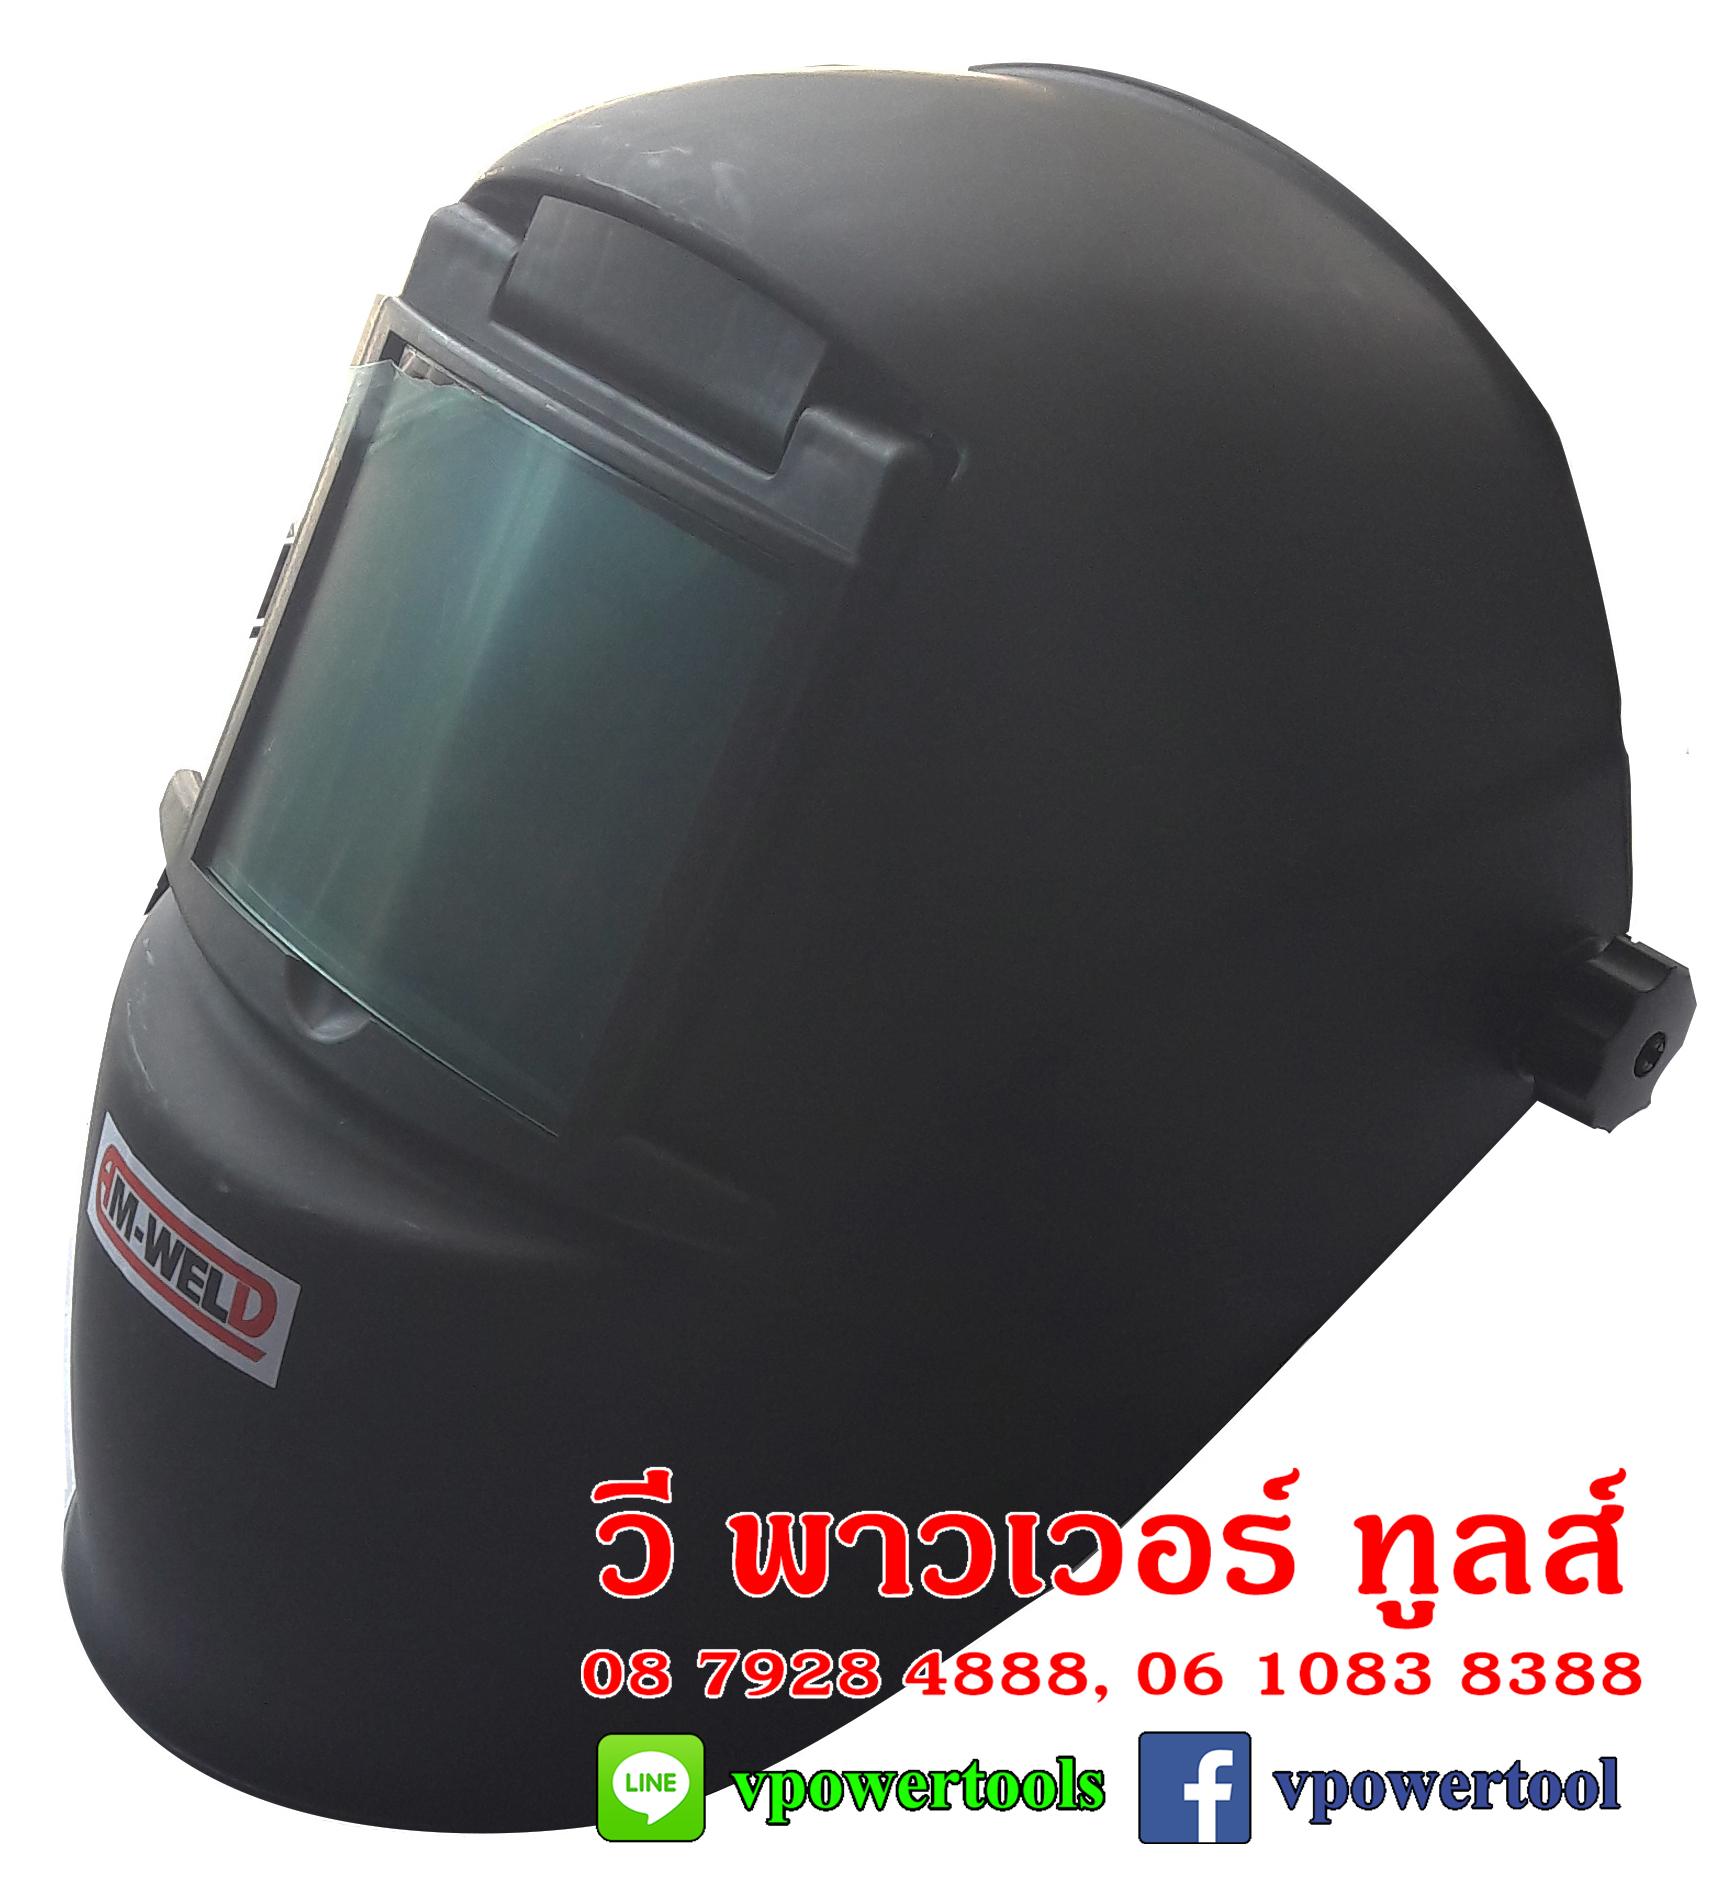 AM-WELD WF4 หน้ากากกรองแสงแบบสวมหัว ไม่อัตโนมัติ